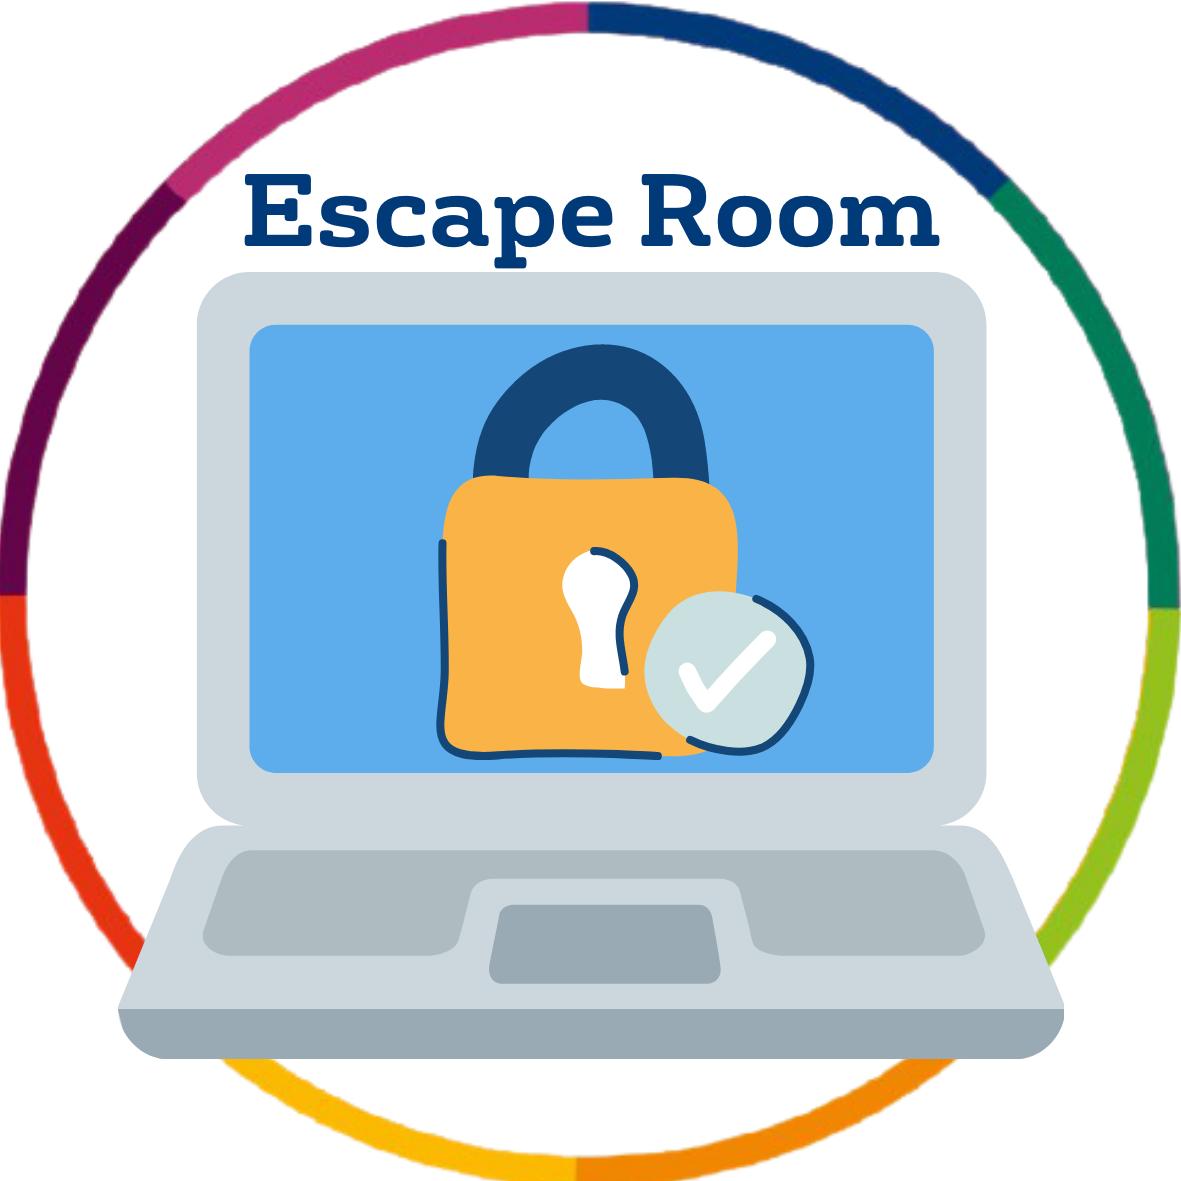 Escape Room Ragazzi 4.6.21